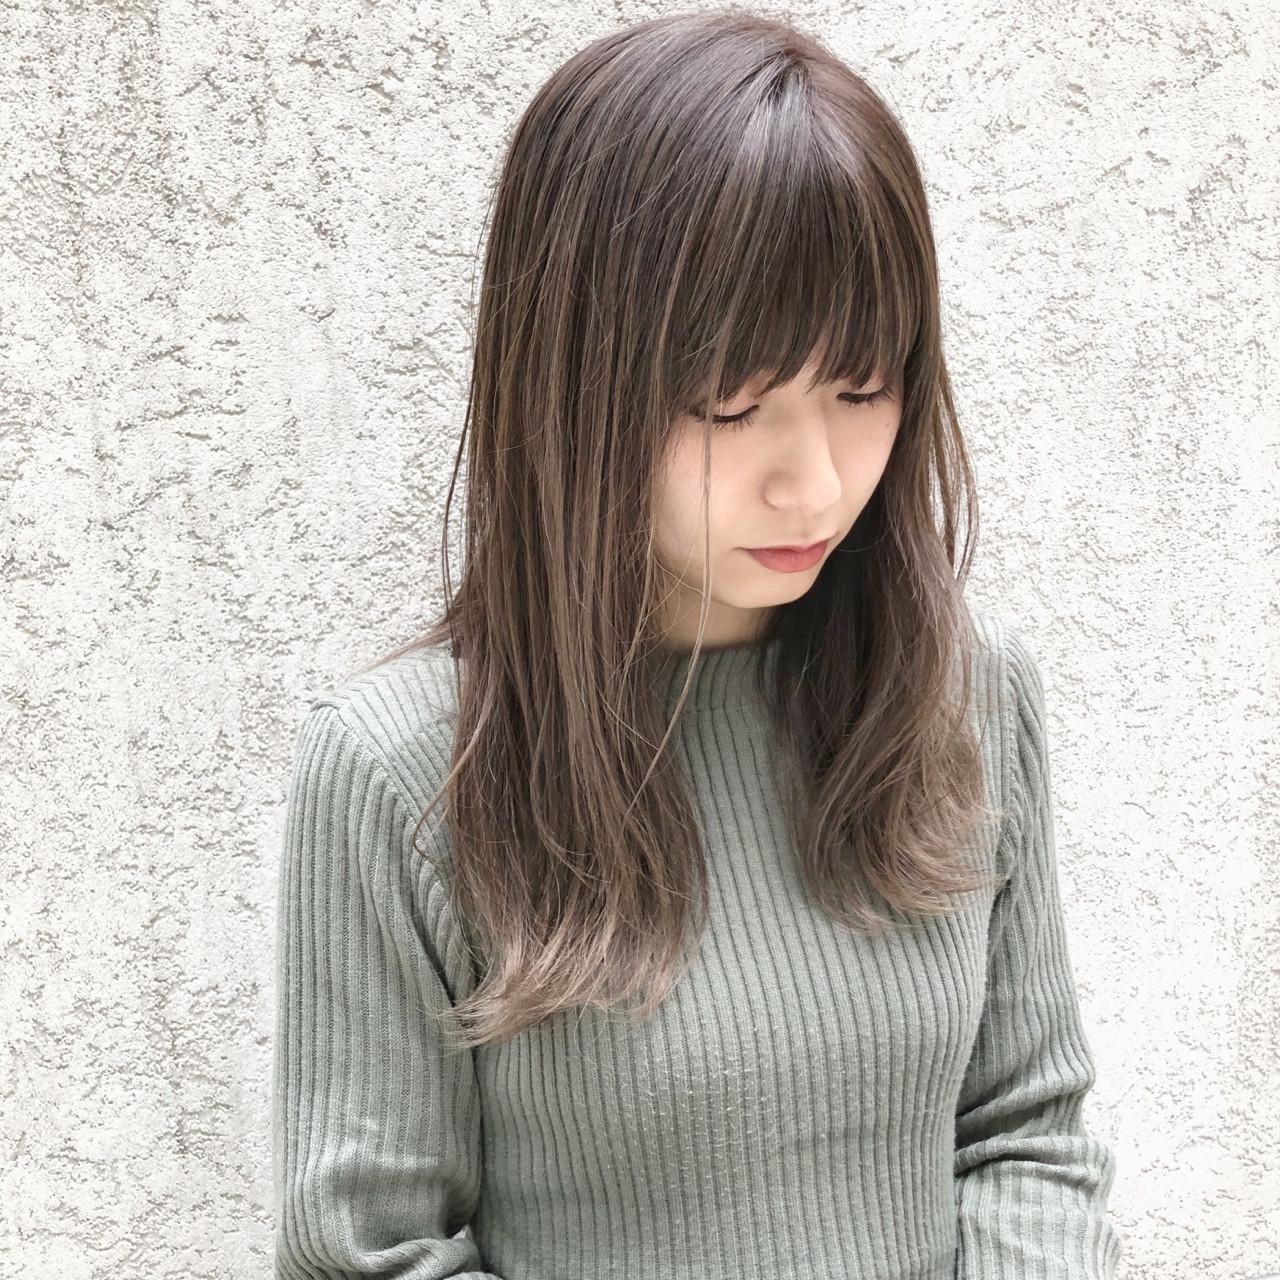 ウェーブ バレイヤージュ ストリート ロブ ヘアスタイルや髪型の写真・画像 | Ryota Yamamoto Daisy / Daisy